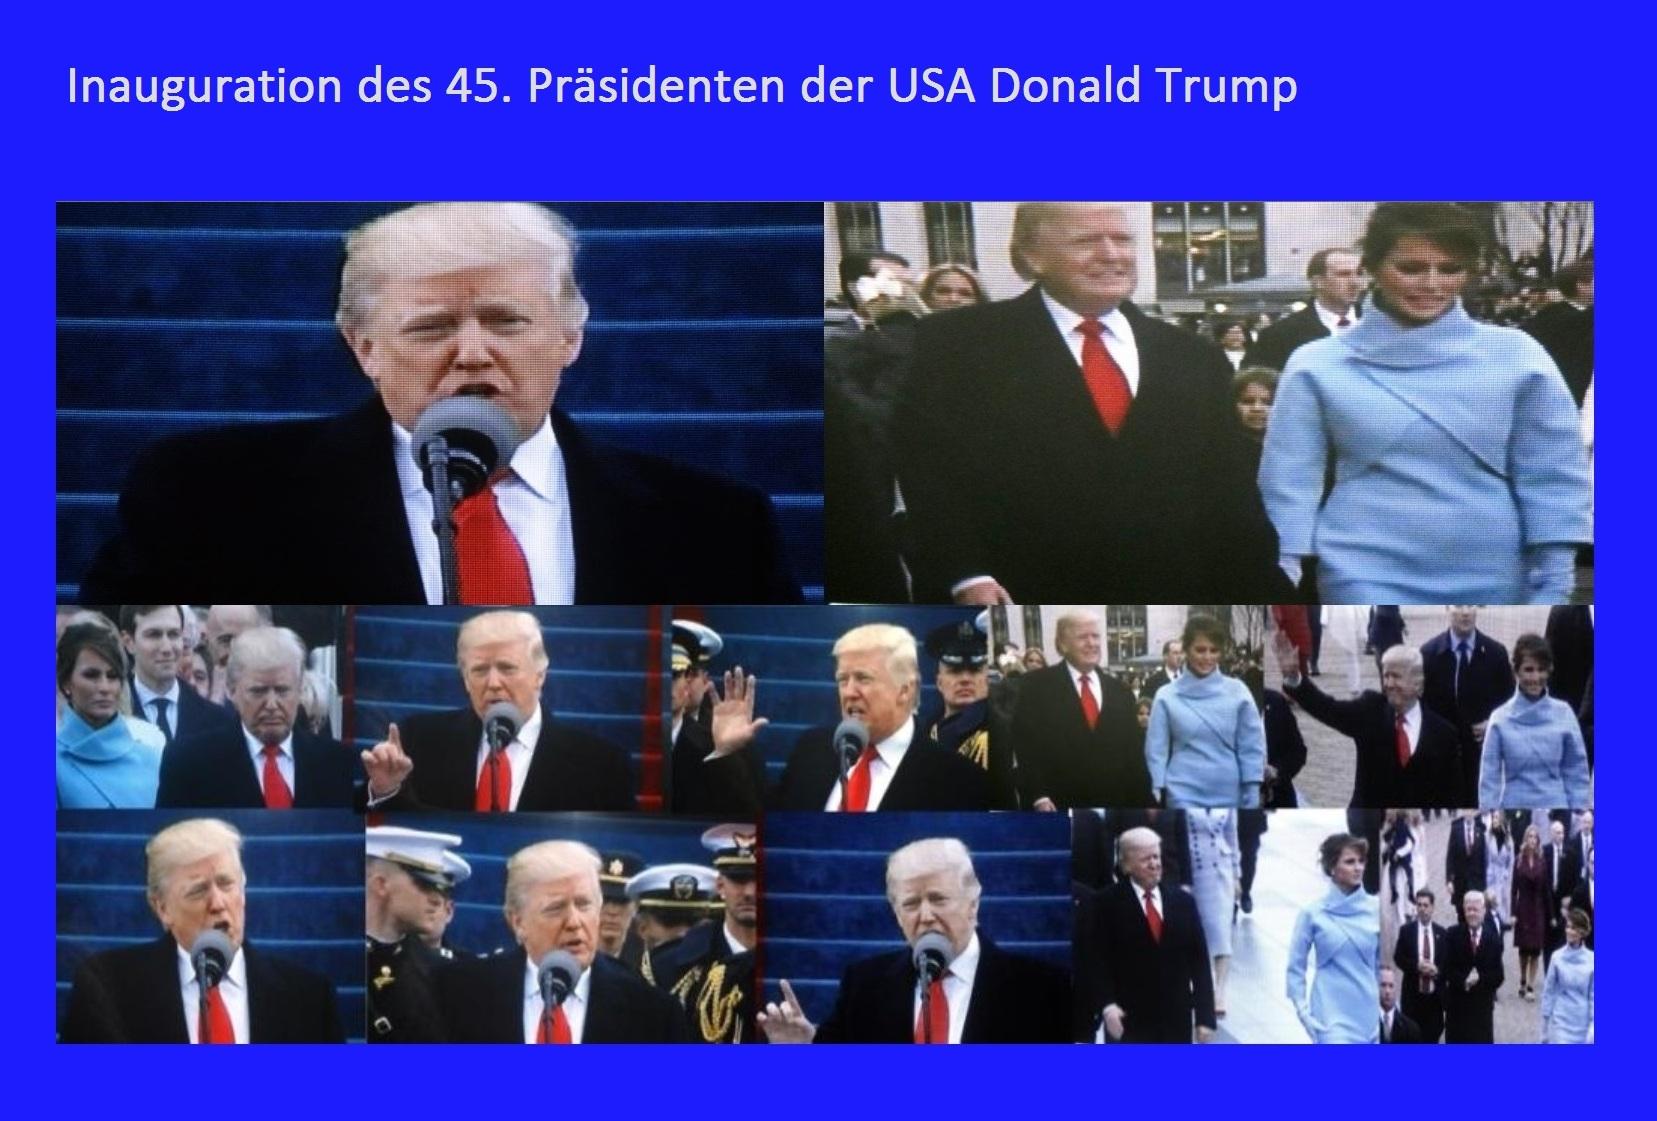 Bilder von der Amtseinführung, auch Inauguration genannt, des 45. Präsidenten der USA Donald Trump am 20.Januar 2017 in der US-Hauptstadt Washington, D.C.